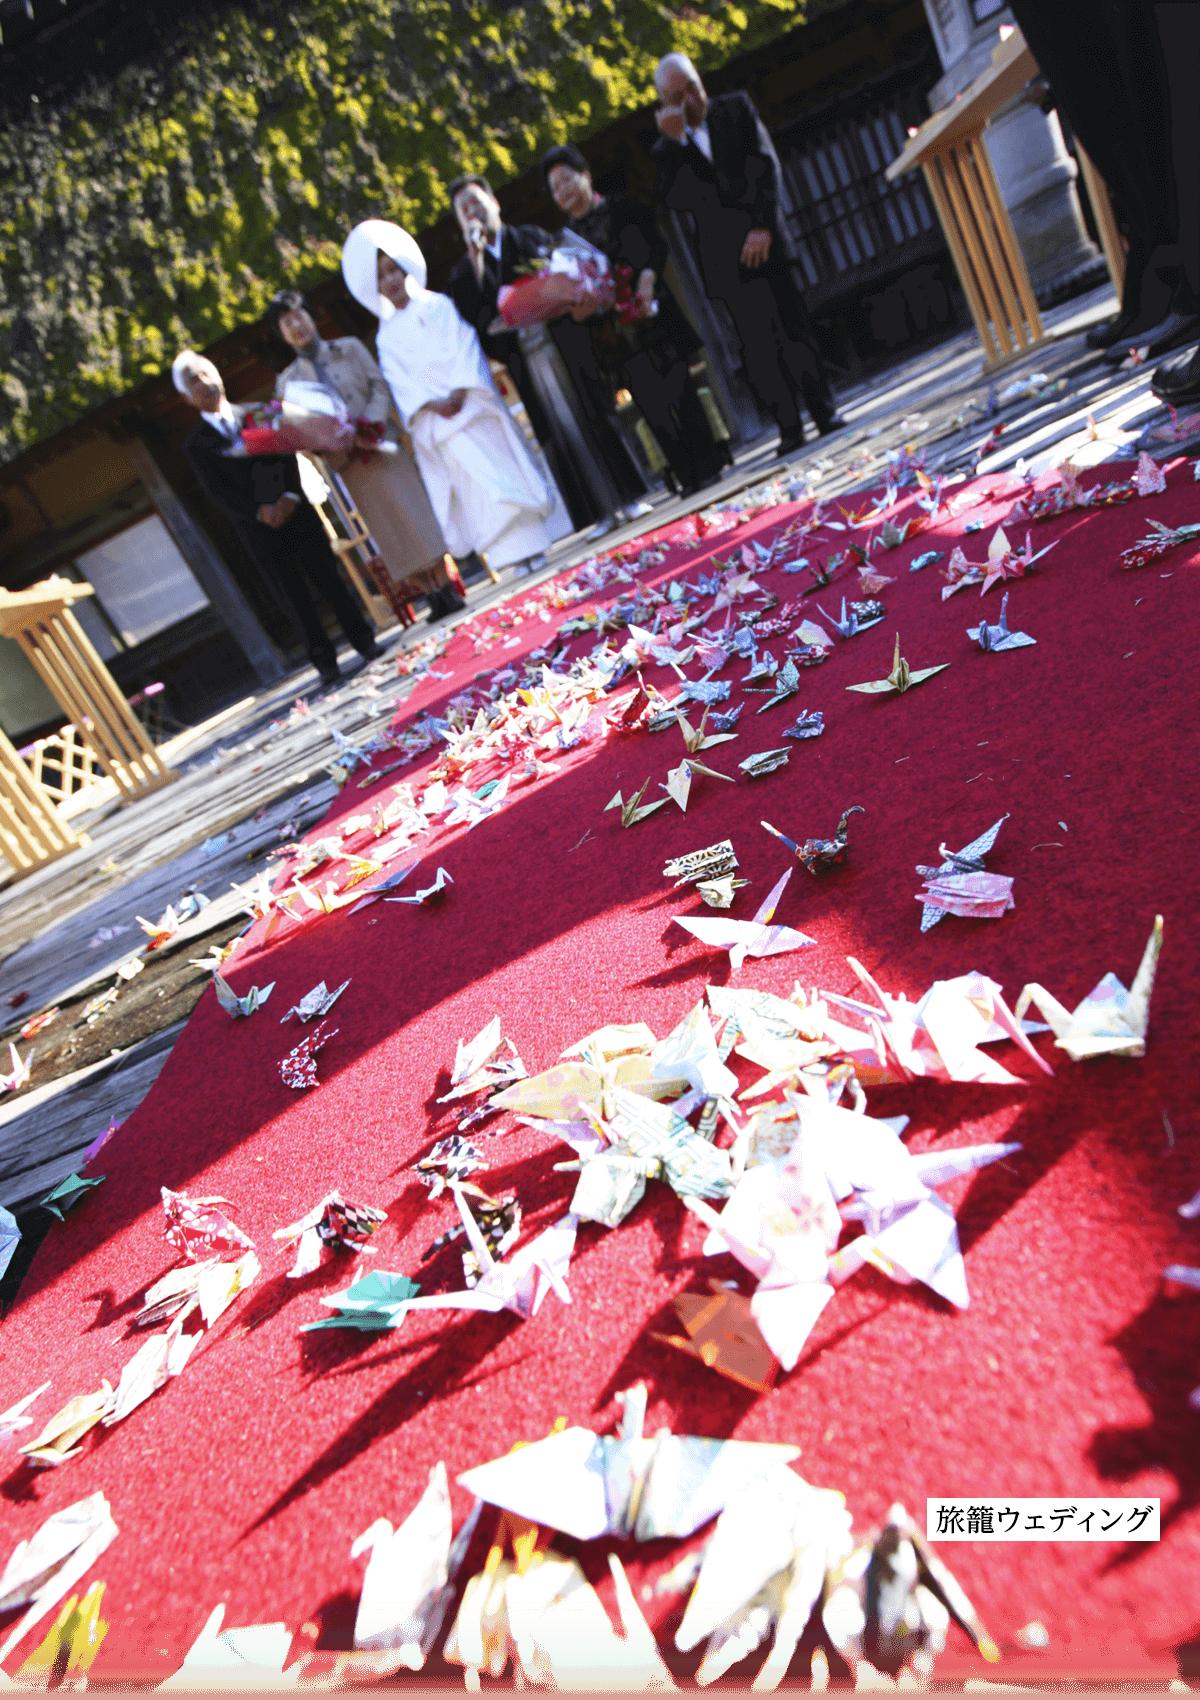 HATAGO wedding